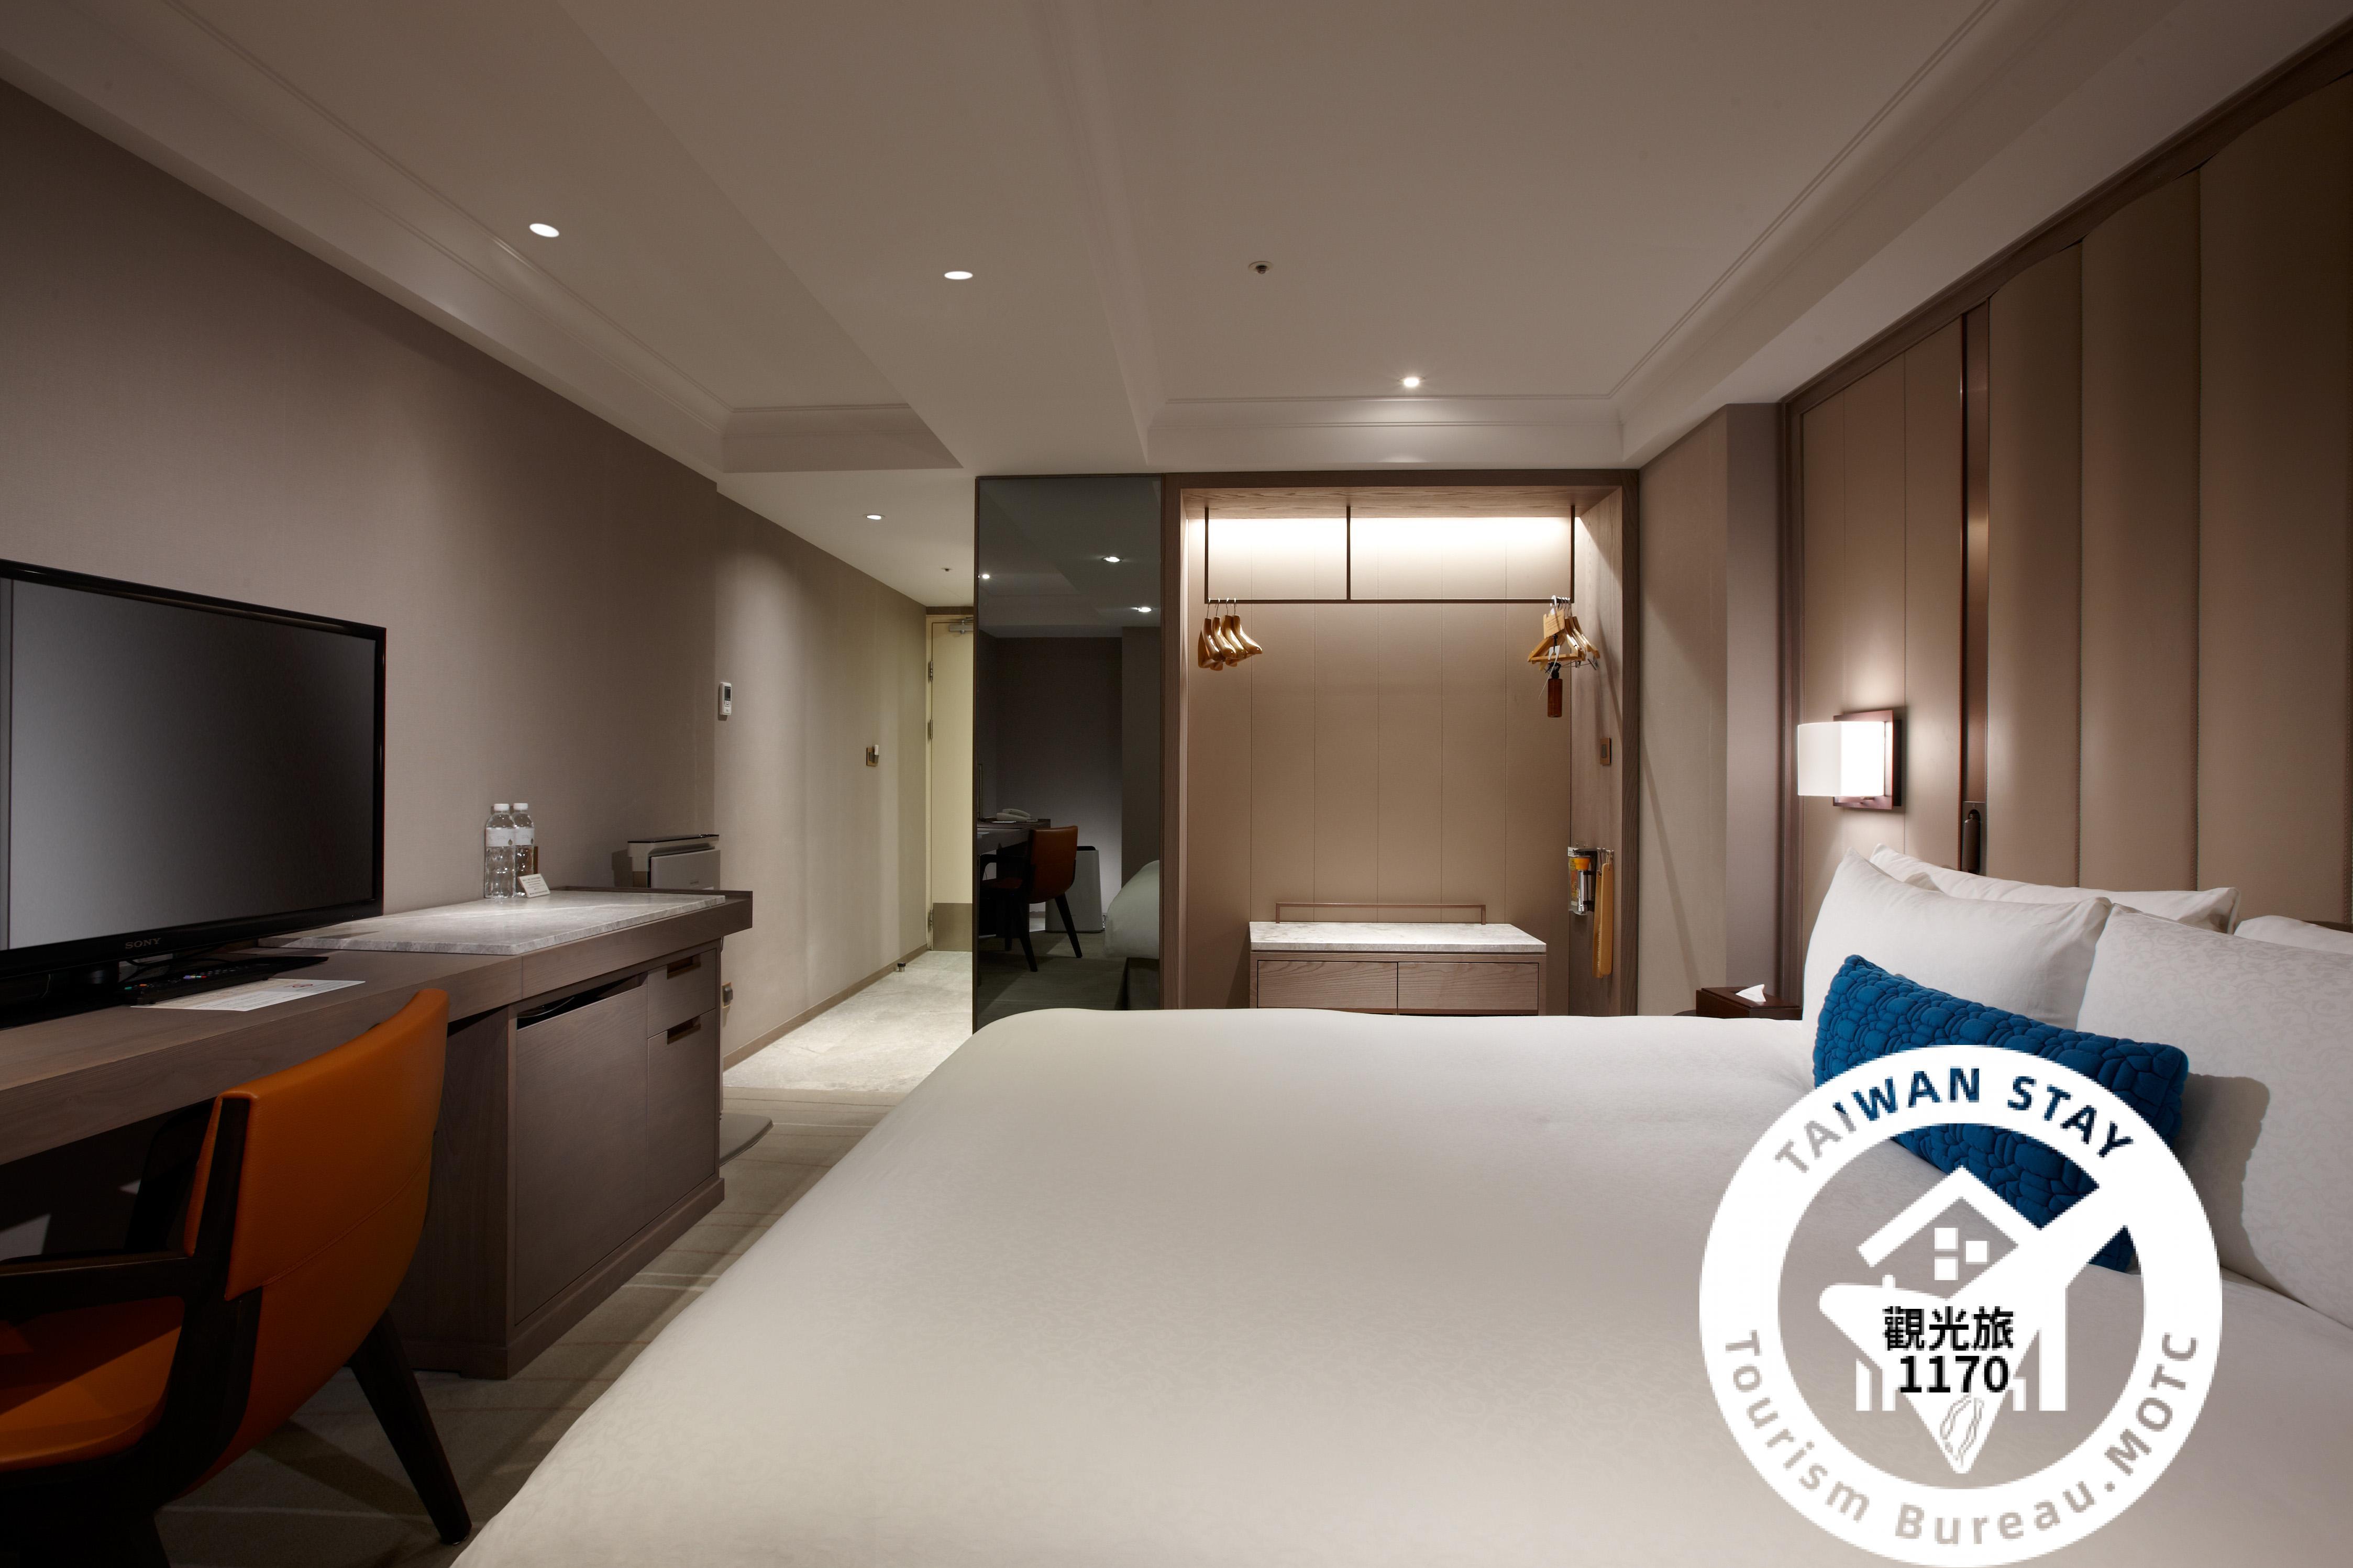 精緻客房・Superior Room・スーペリアルーム照片_3